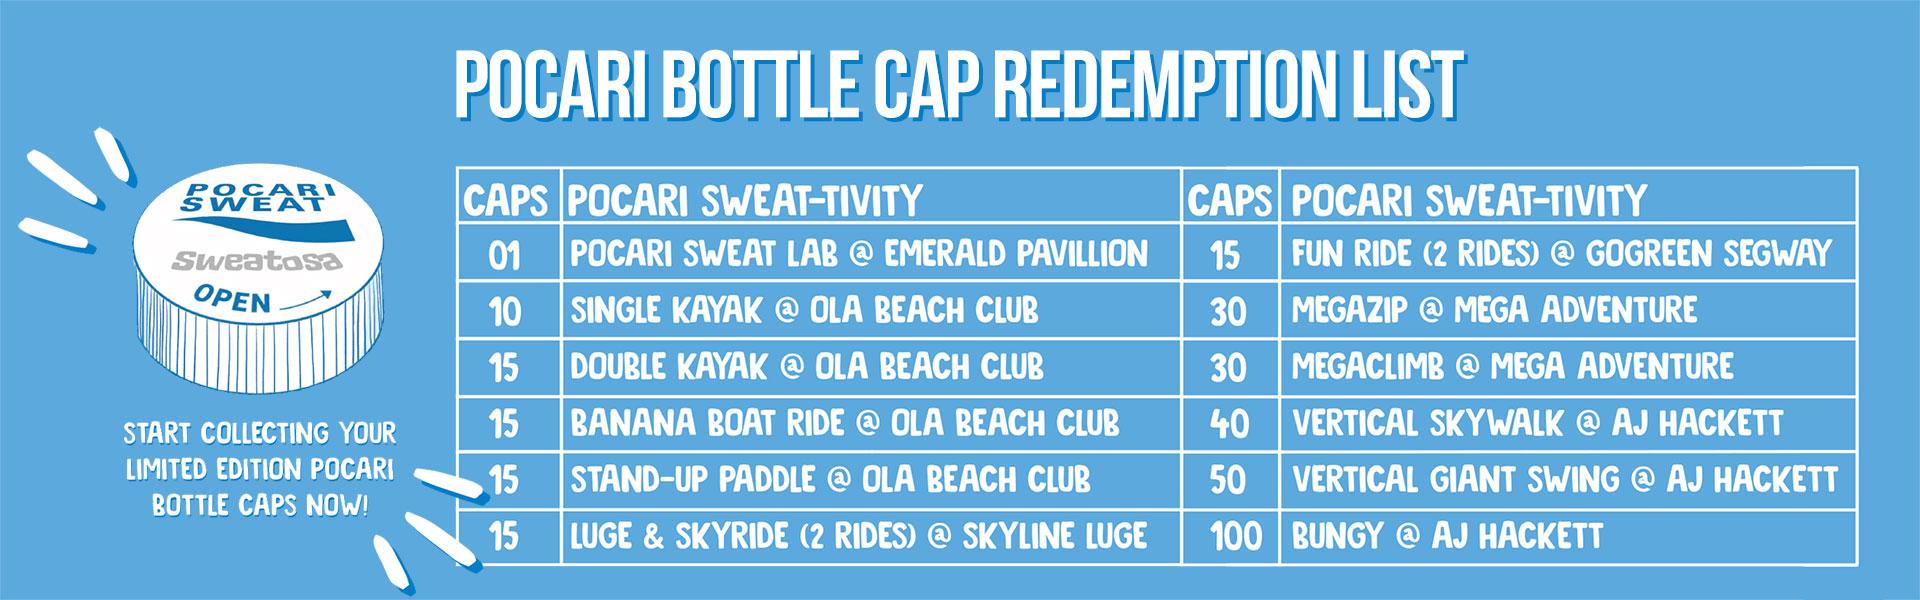 POCARI Bottle Cap Redemption List